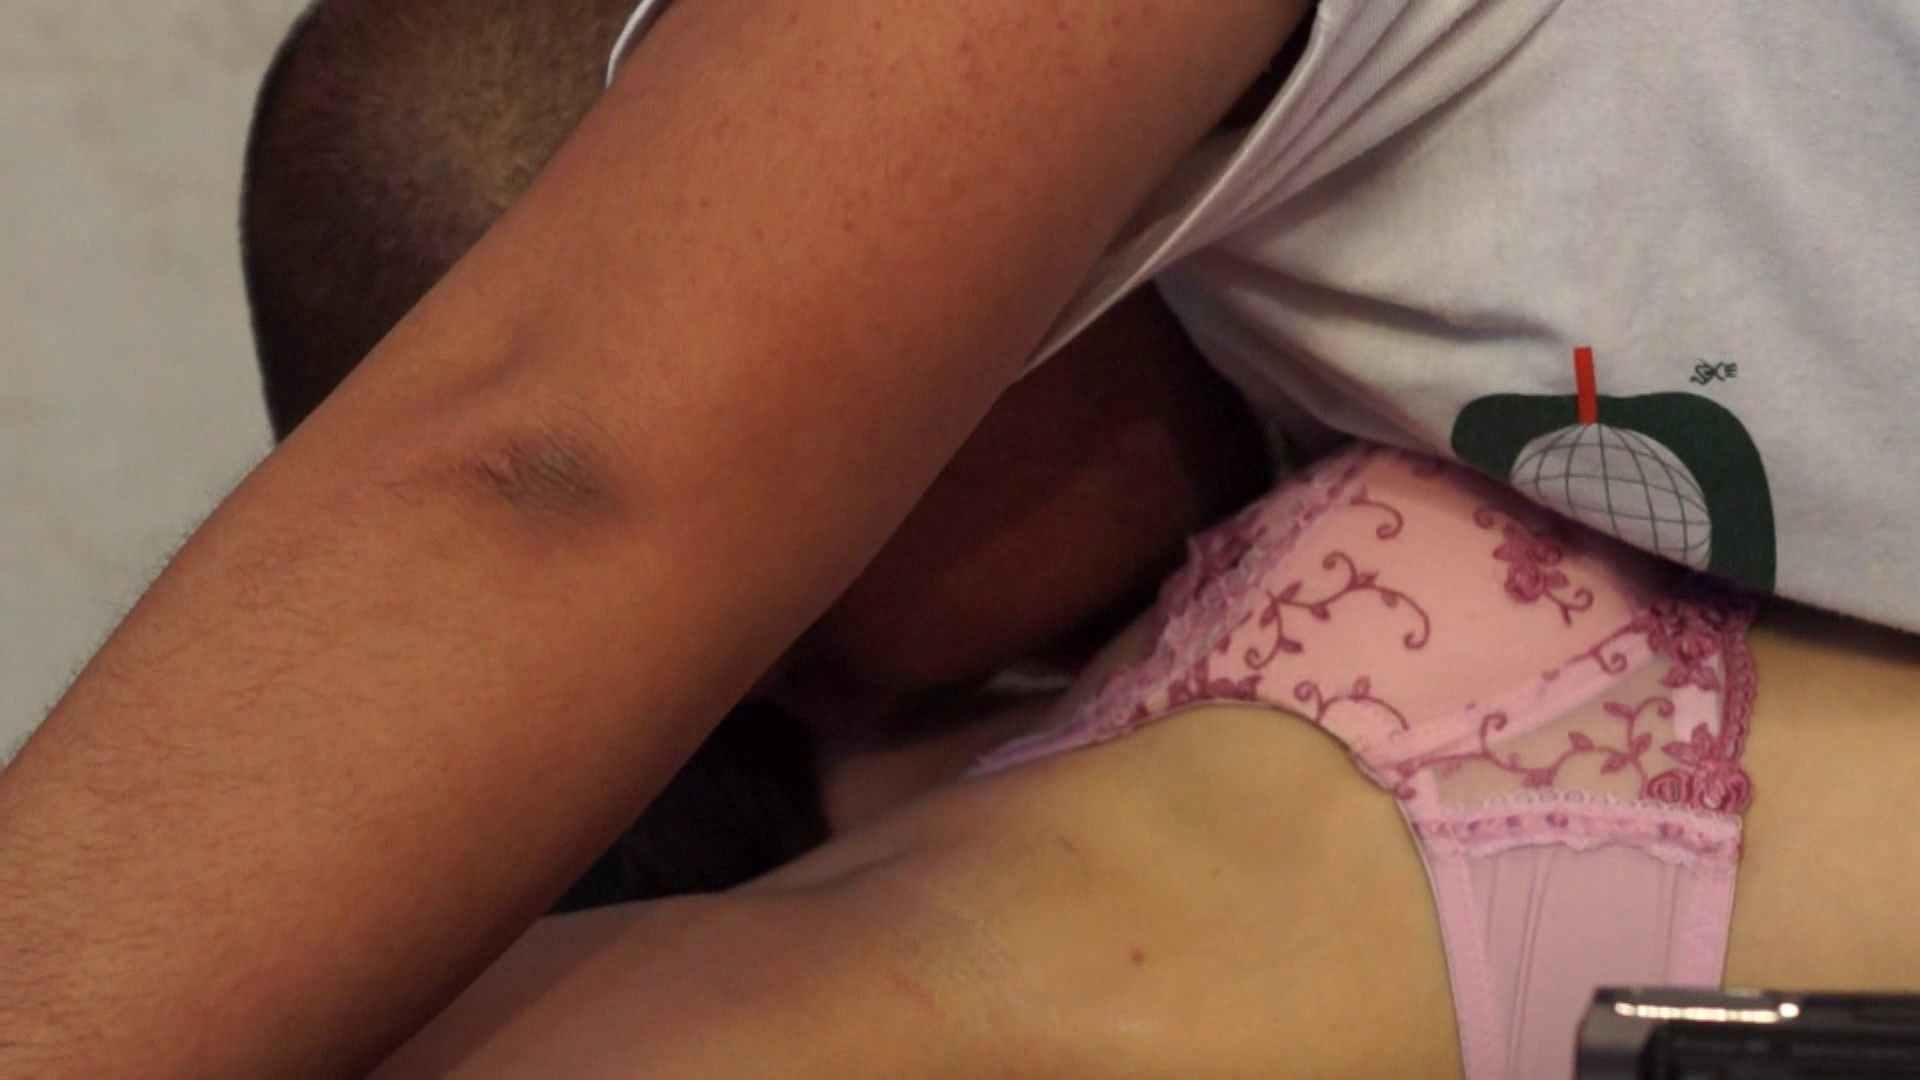 vol.7 夏実ちゃんの汗まみれの腋をベロベロ舐めるTKSさん OL  104pic 58